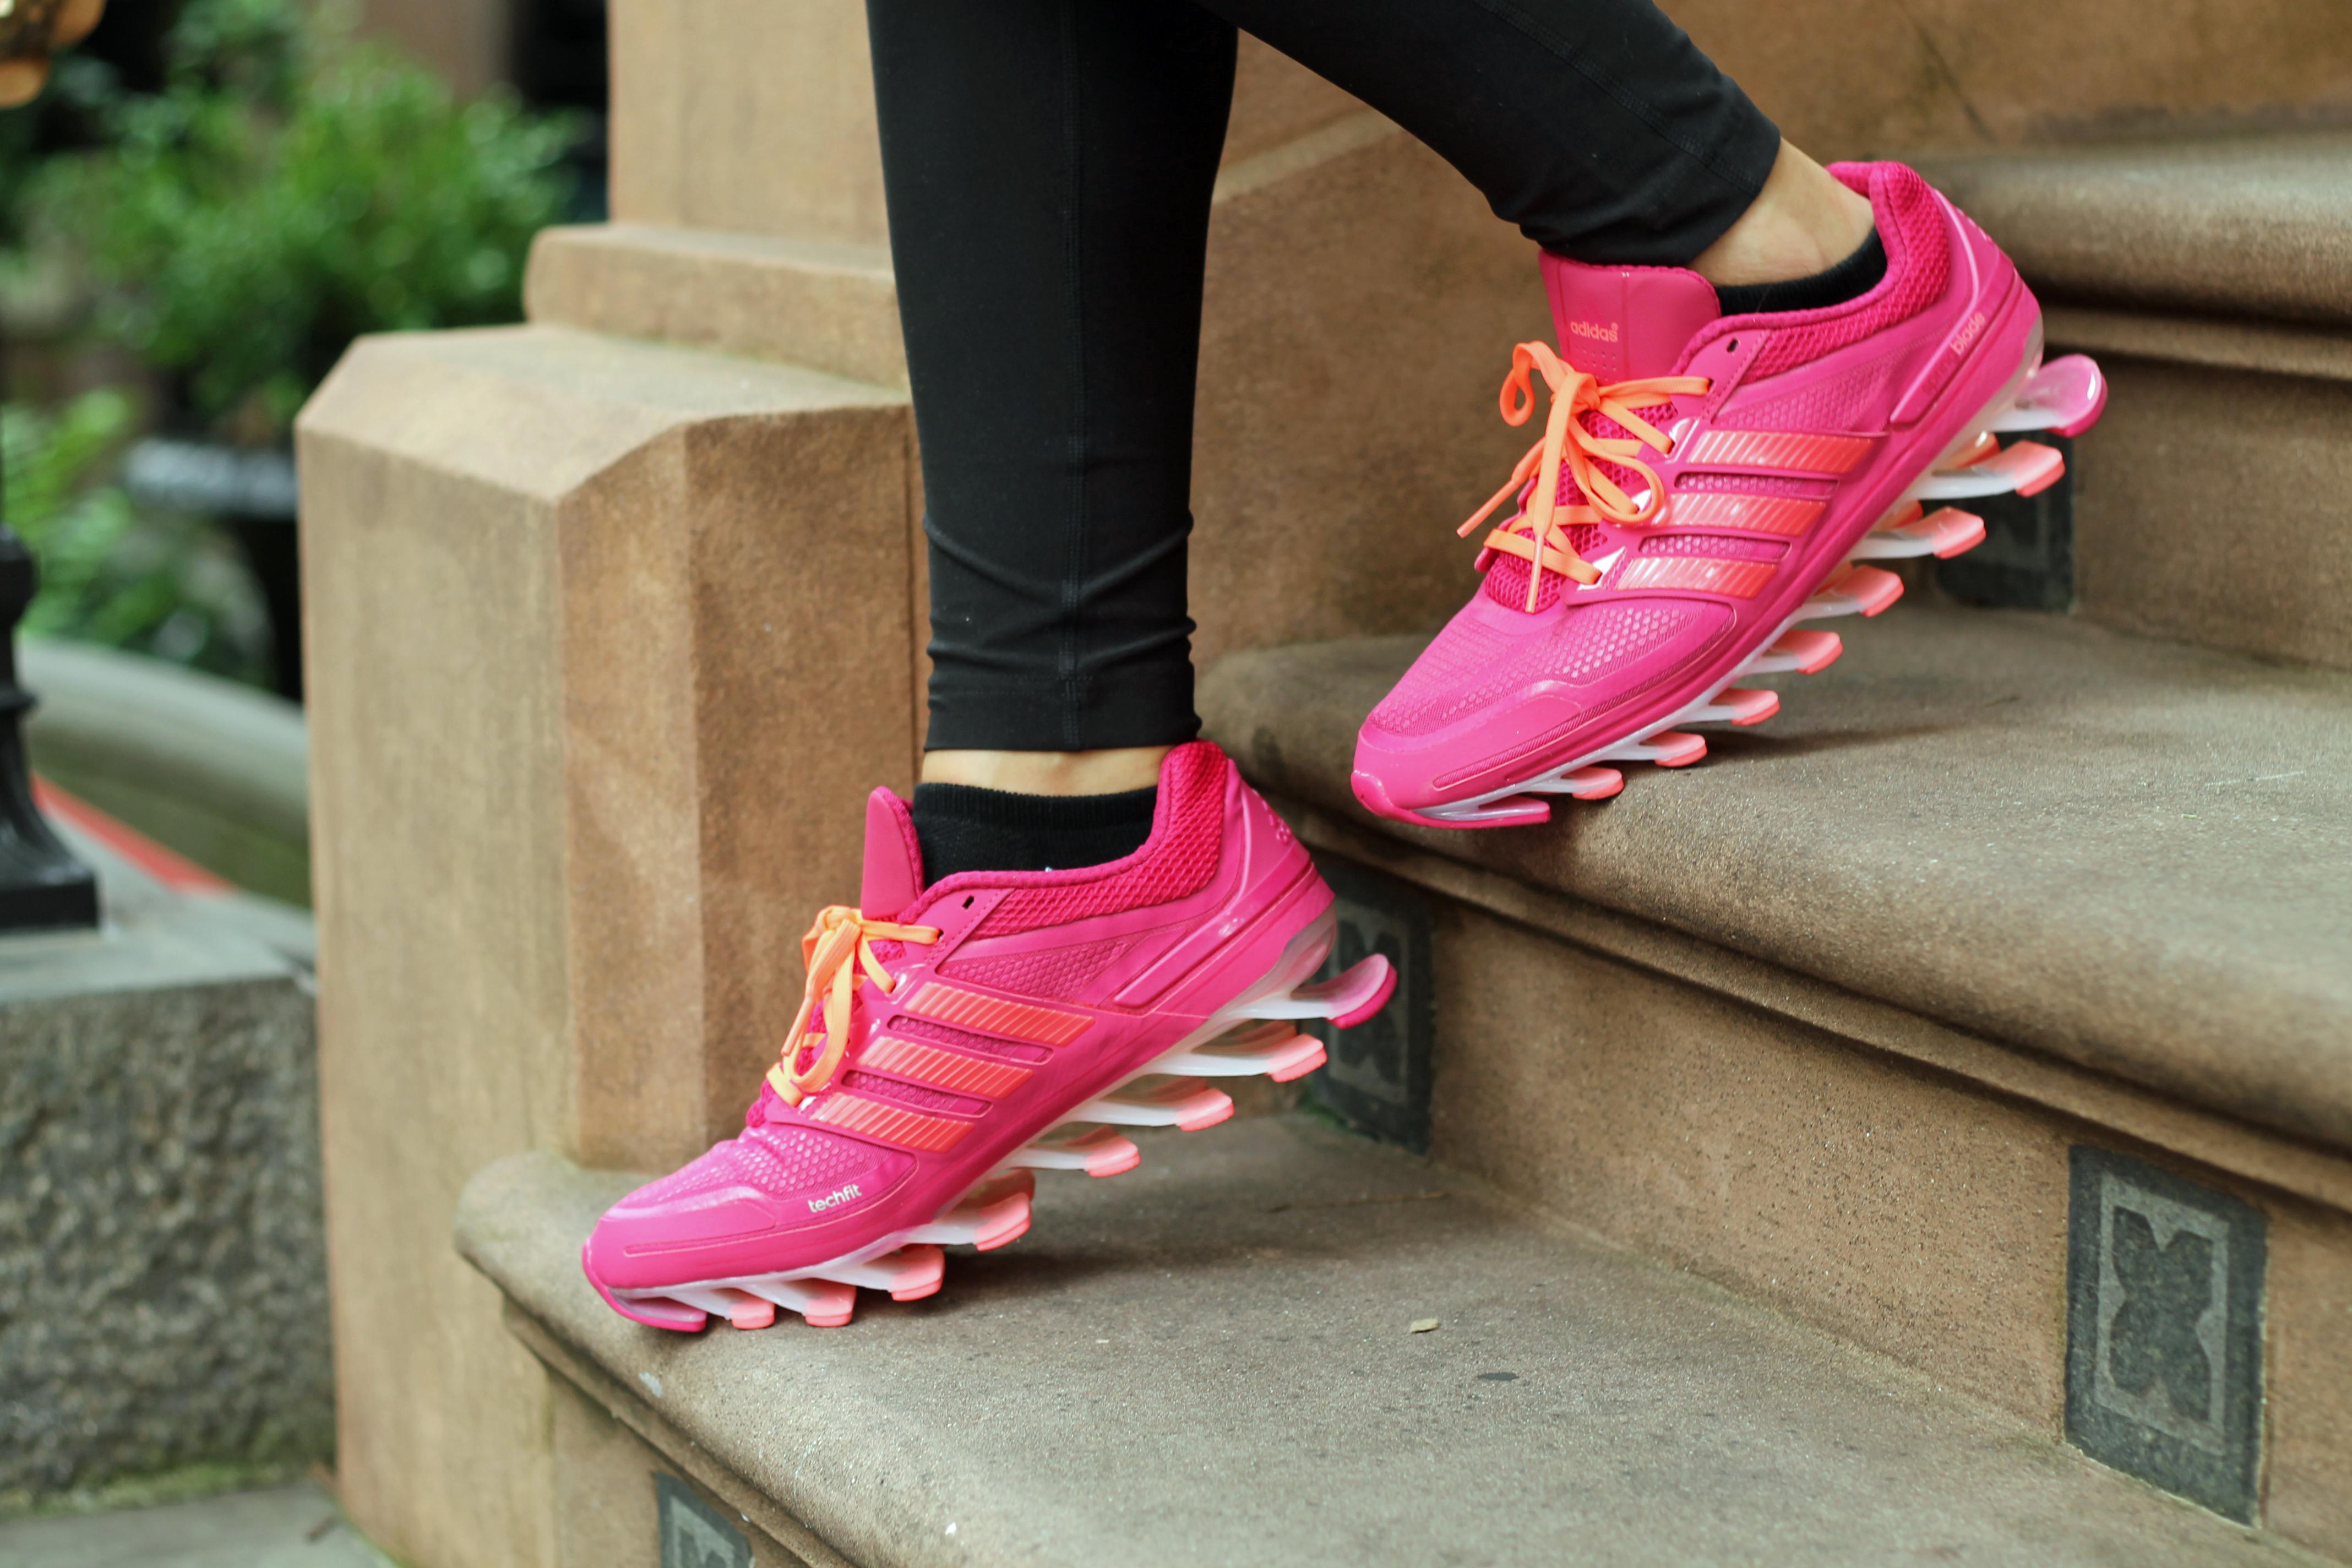 springblade shoes